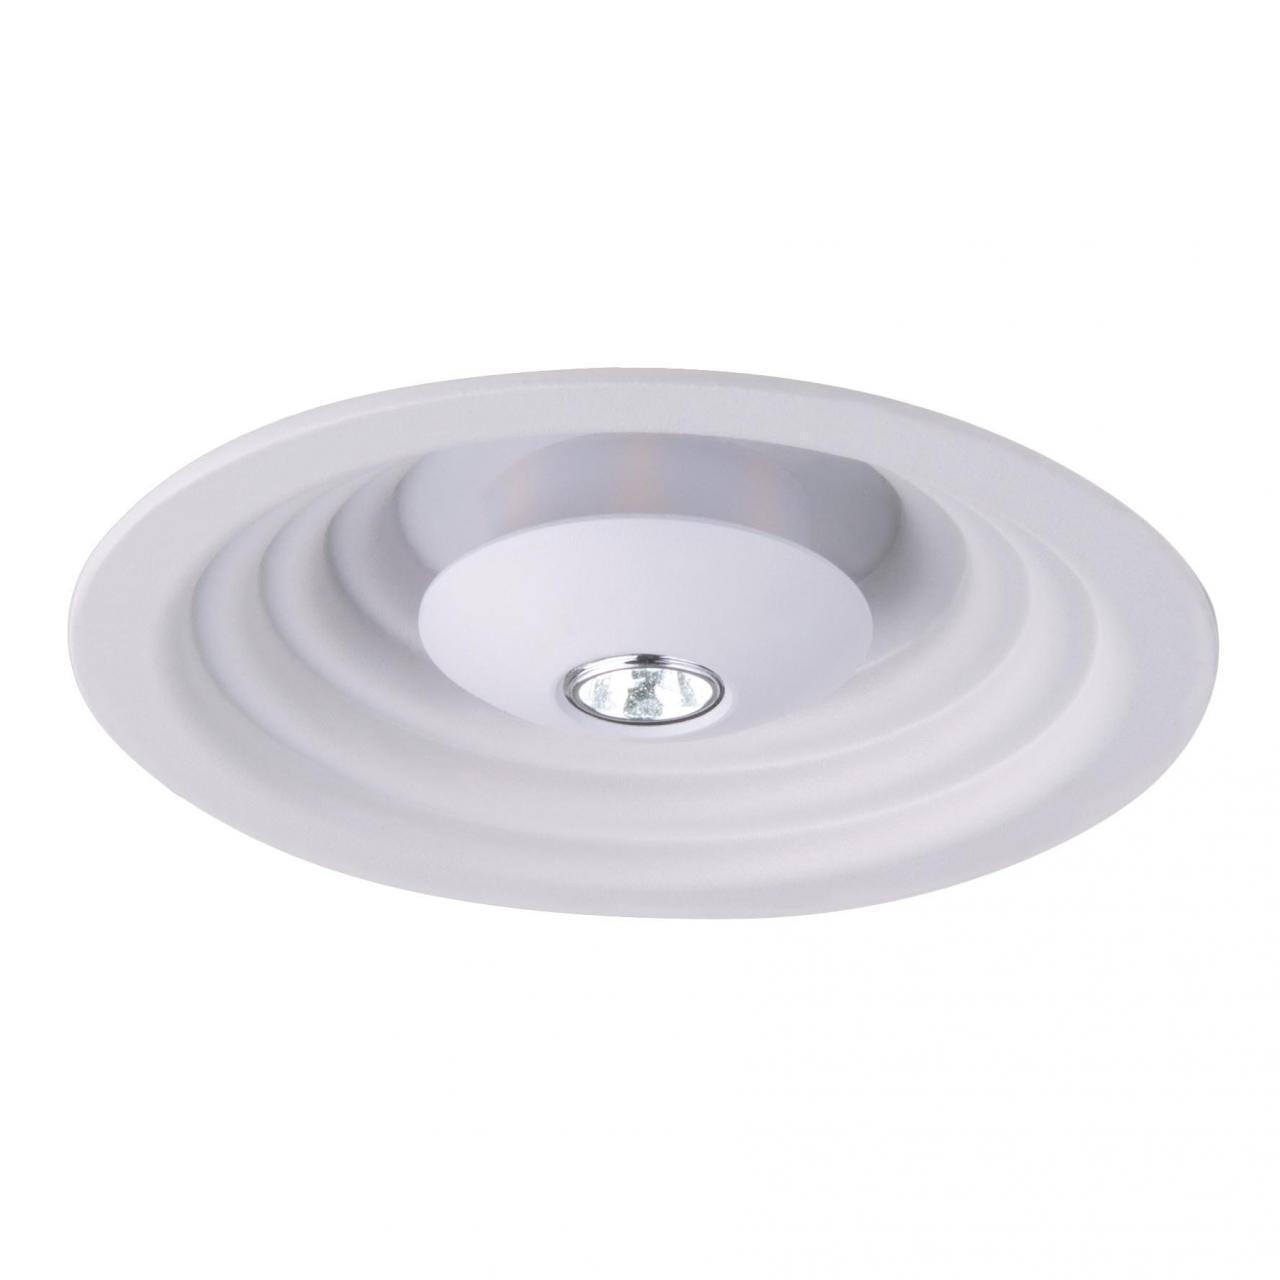 Встраиваемый светодиодный светильник Elektrostandard DSS005 4690389151385